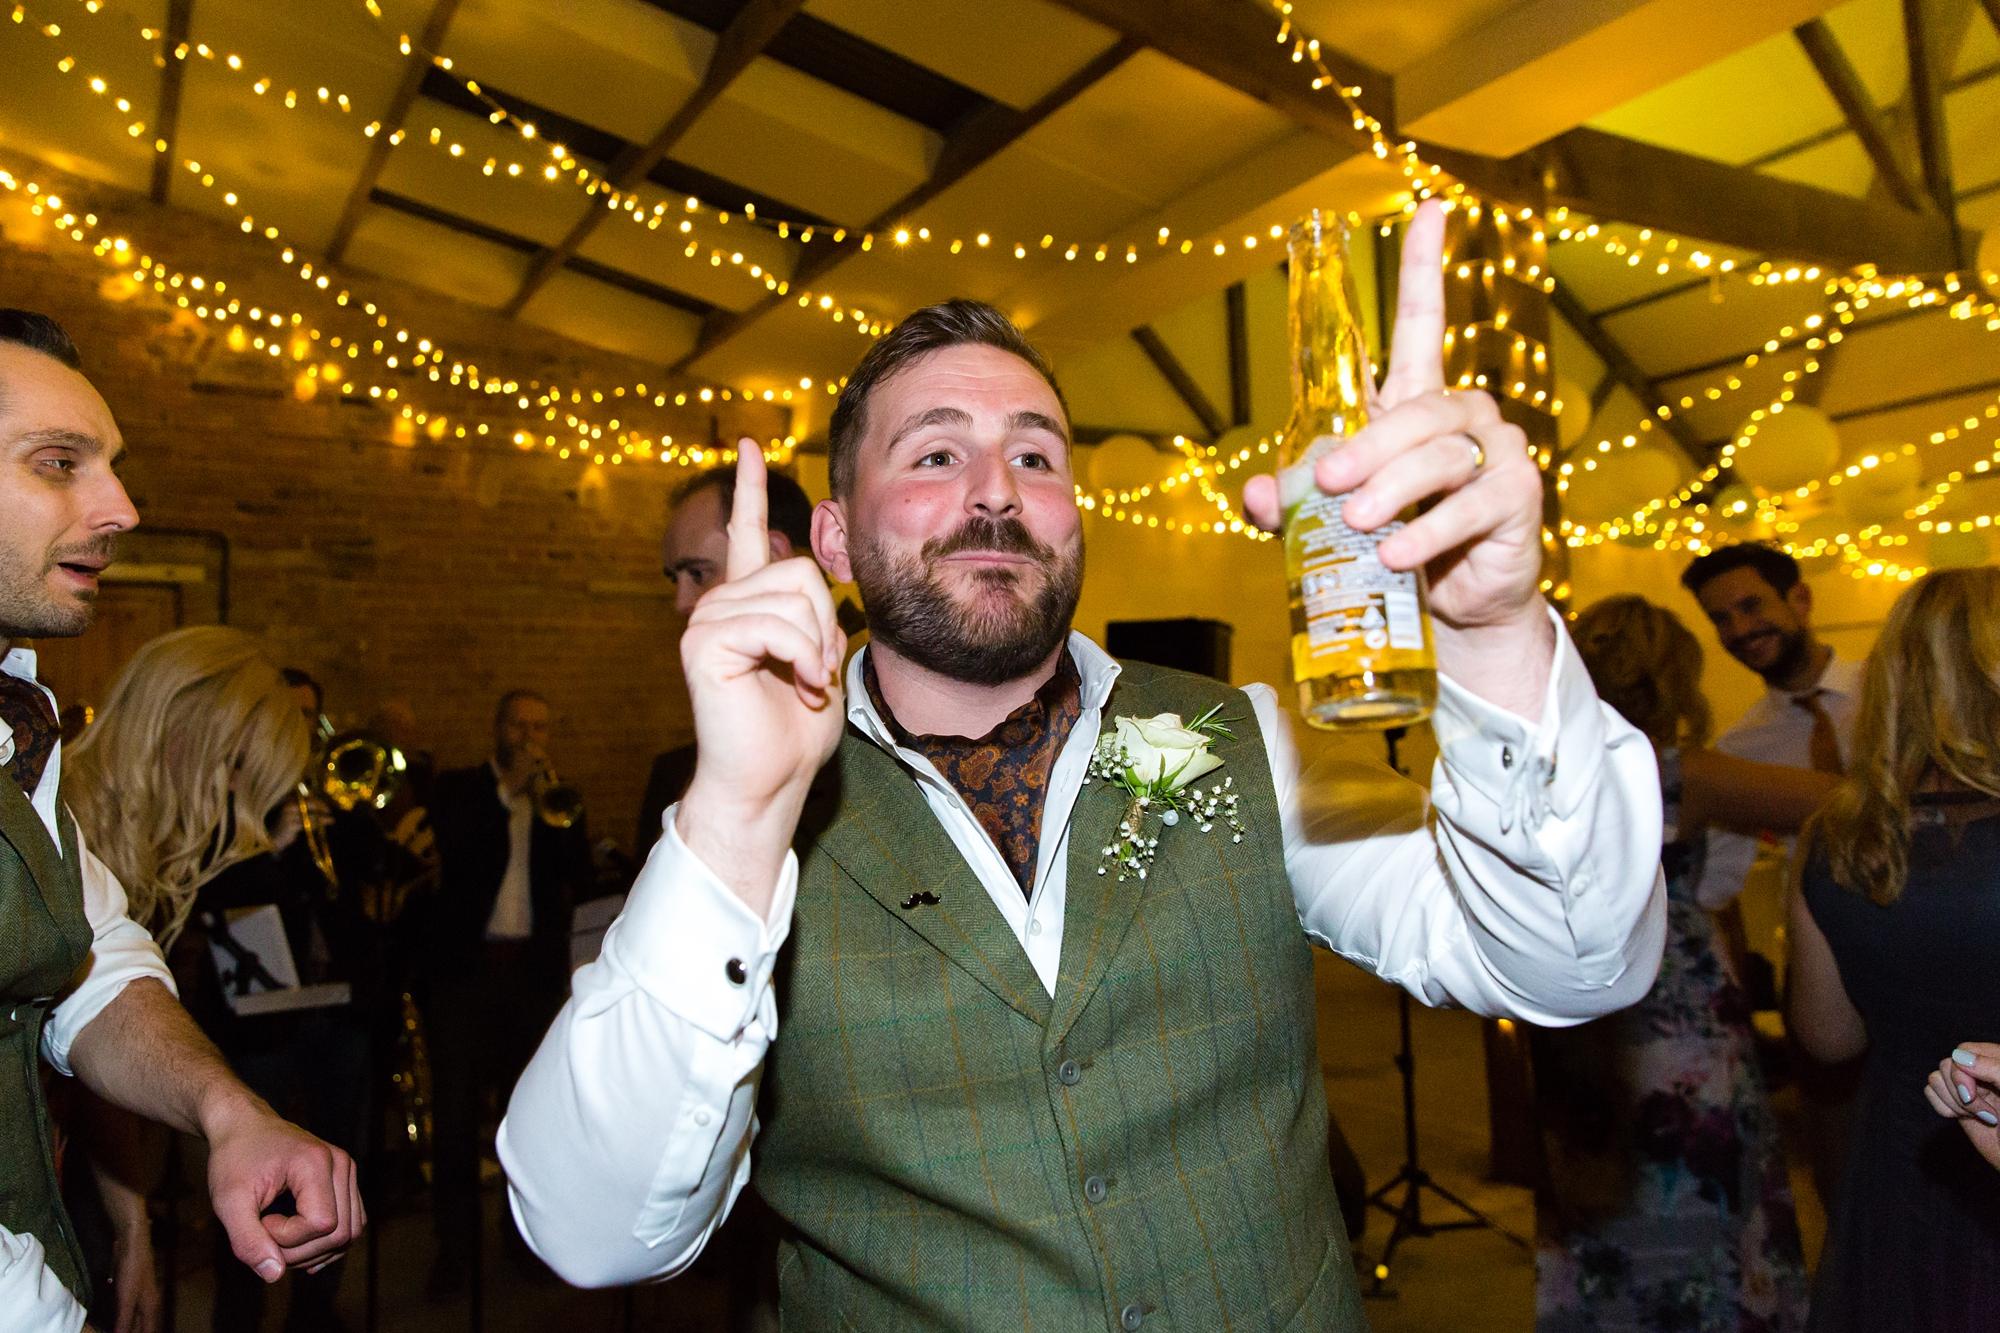 Dancing & partying at York Wedding Photography at Barmbyfield Barns